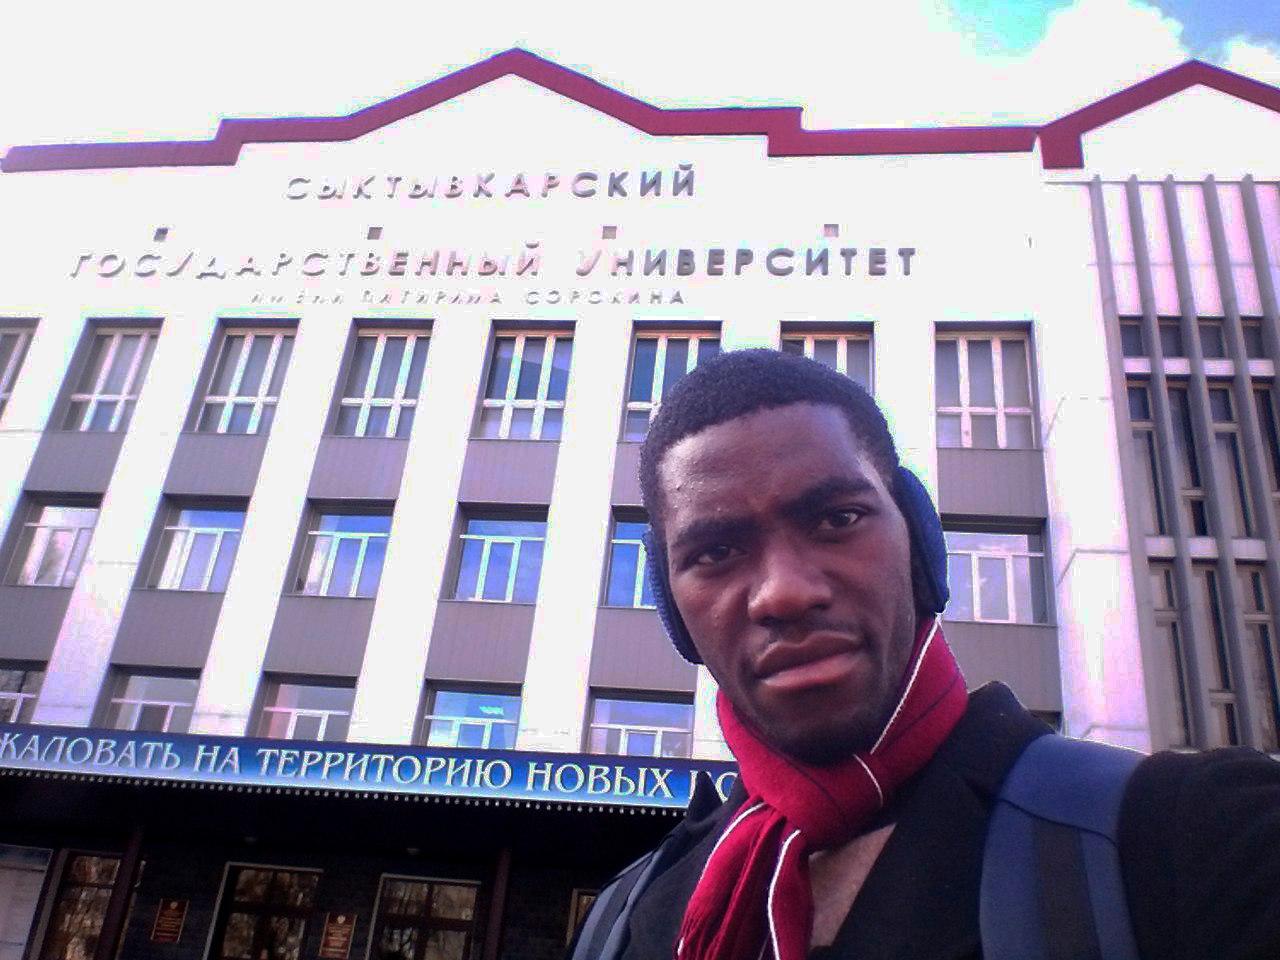 Четверо студентов из Замбии приехали в Сыктывкар изучать русский  язык